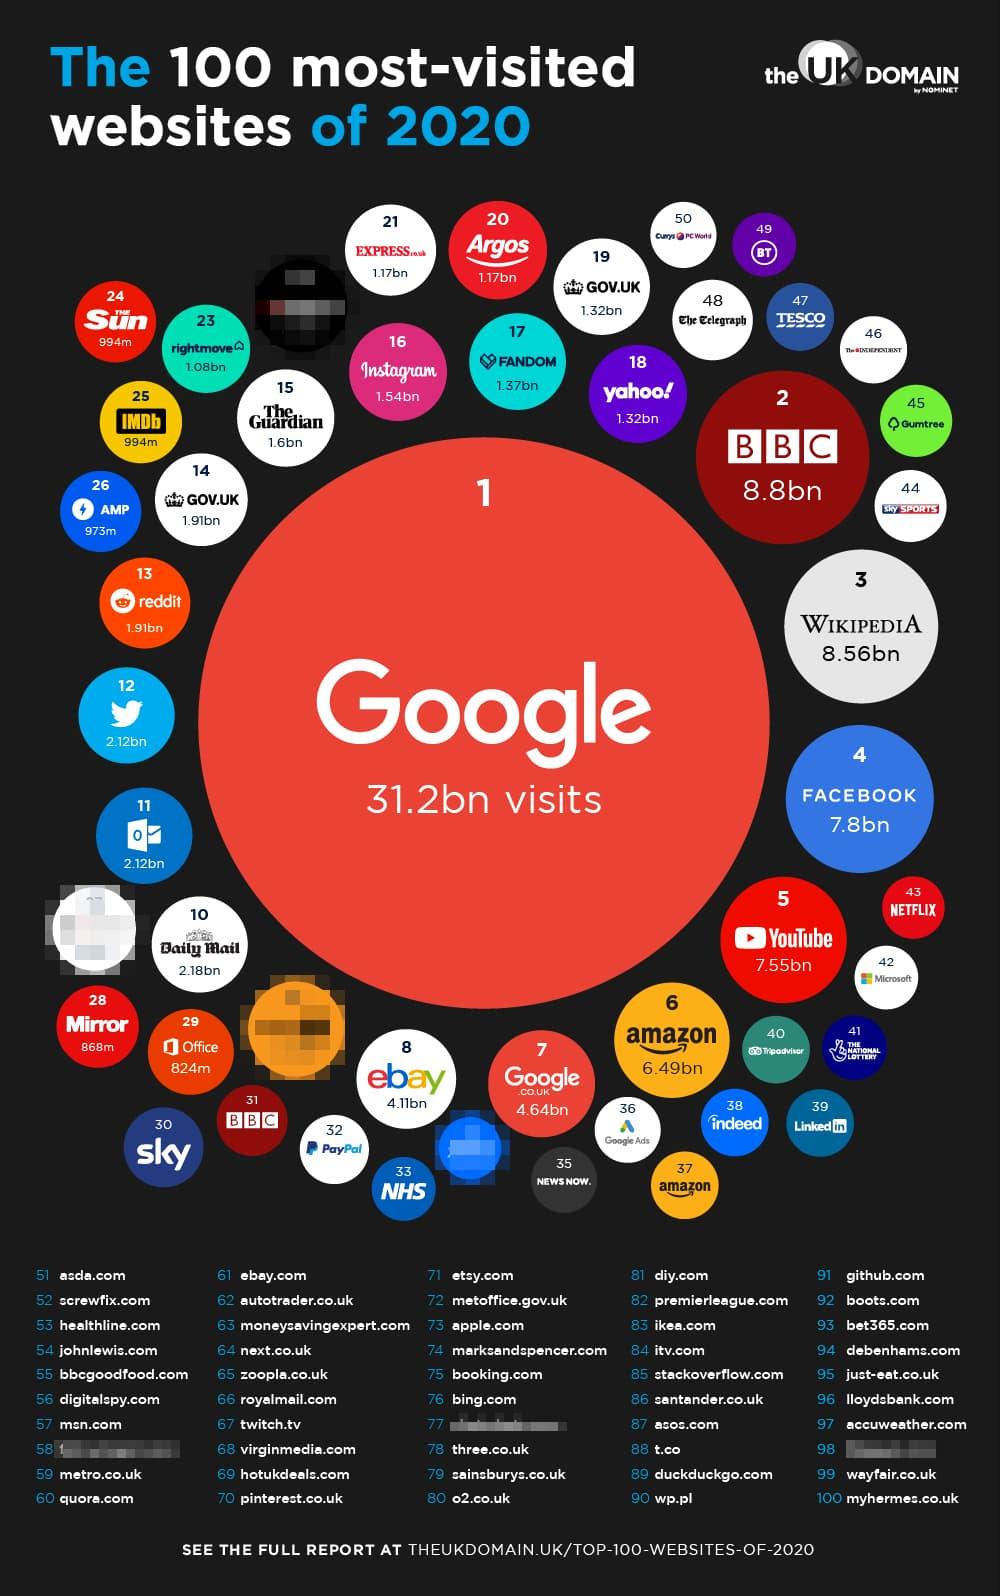 Logos of the top websites in 2020